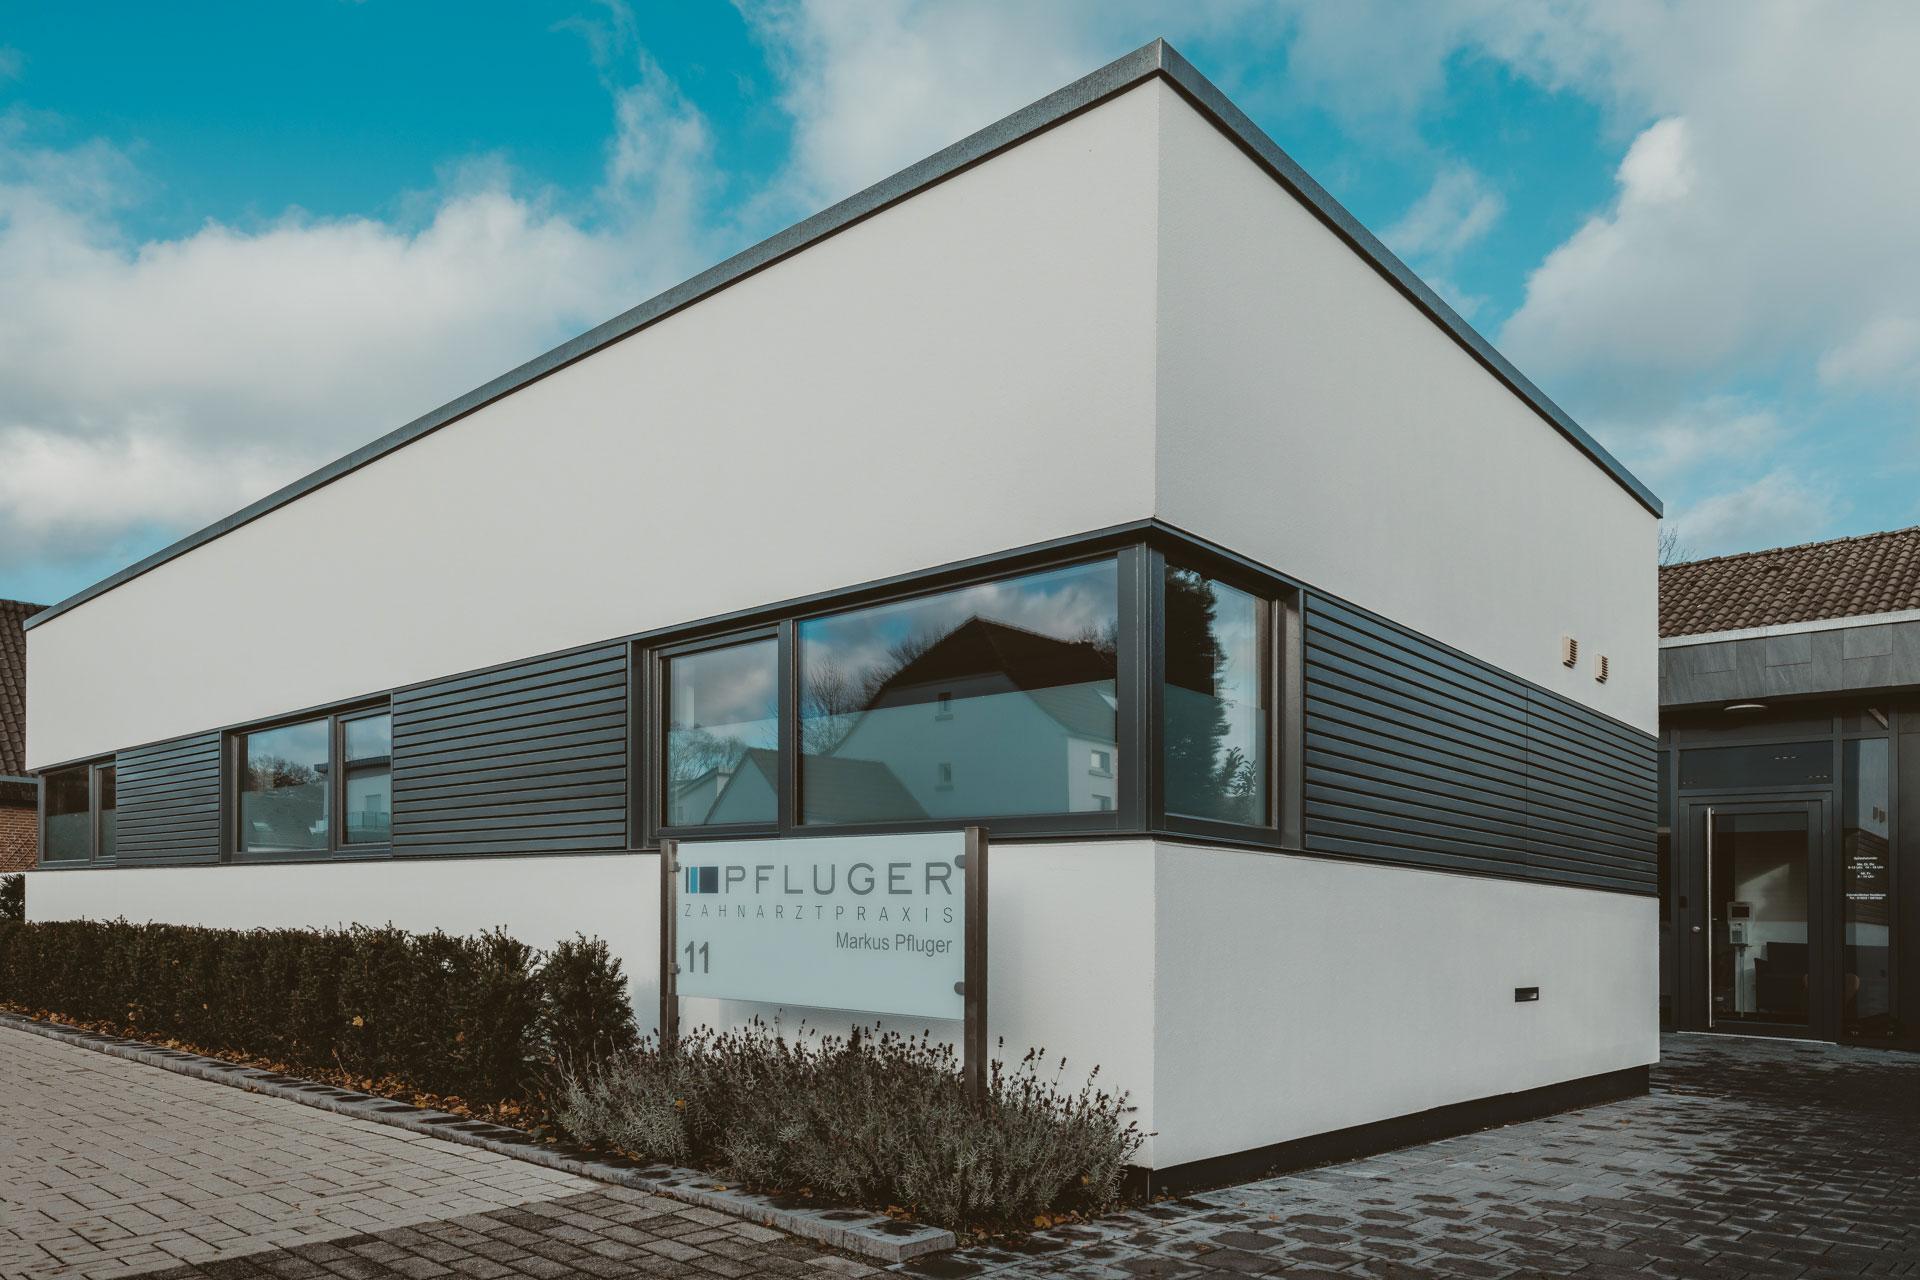 Zahnarztpraxis Pfluger, Alte Bahn 11, 47551 Bedburg-Hau, Blick auf das Praxisgebäude mit Praxisschild